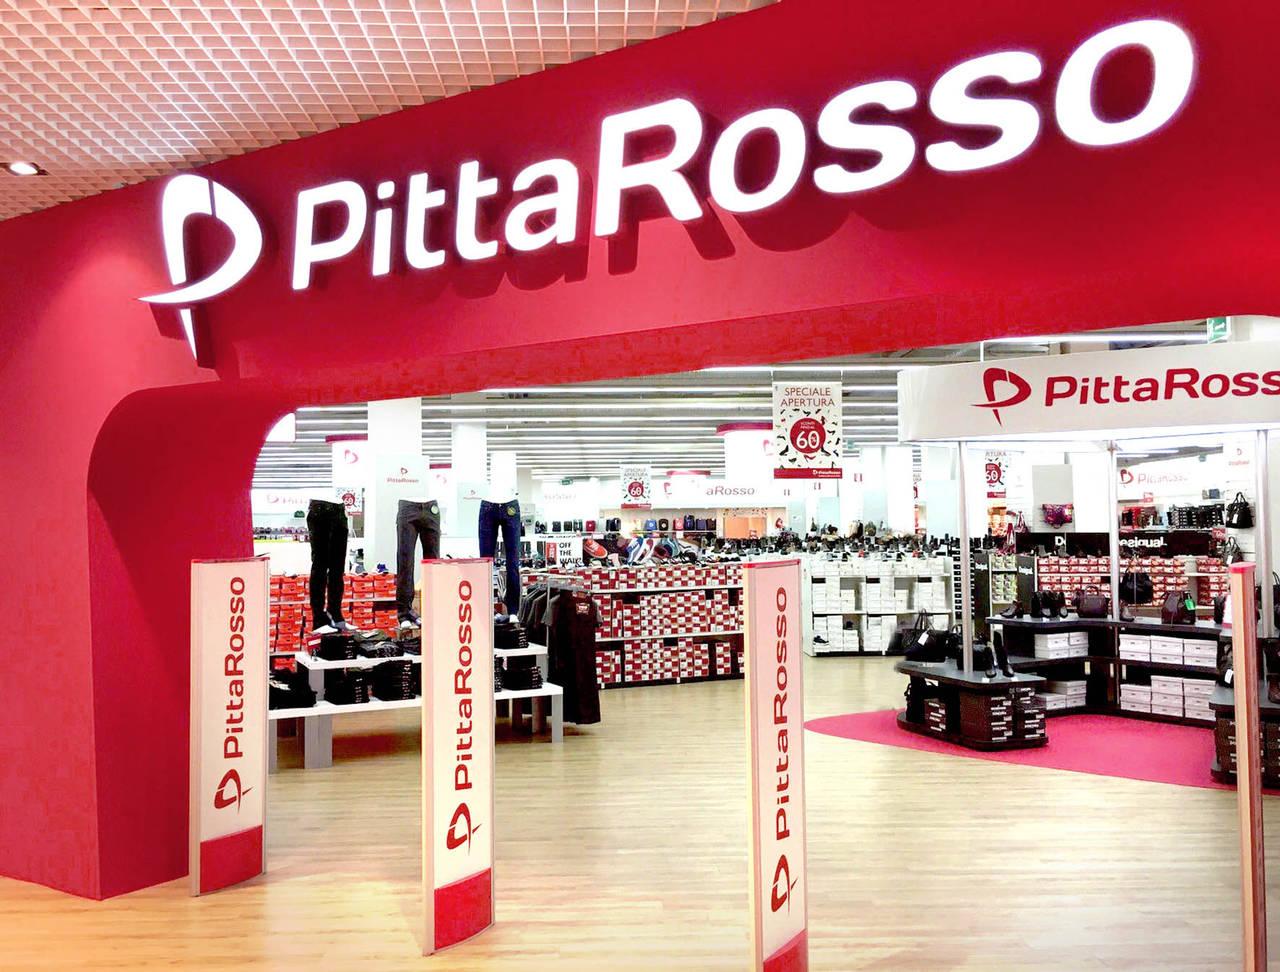 Pittarosso prevede l'apertura di 30 nuovi punti di vendita